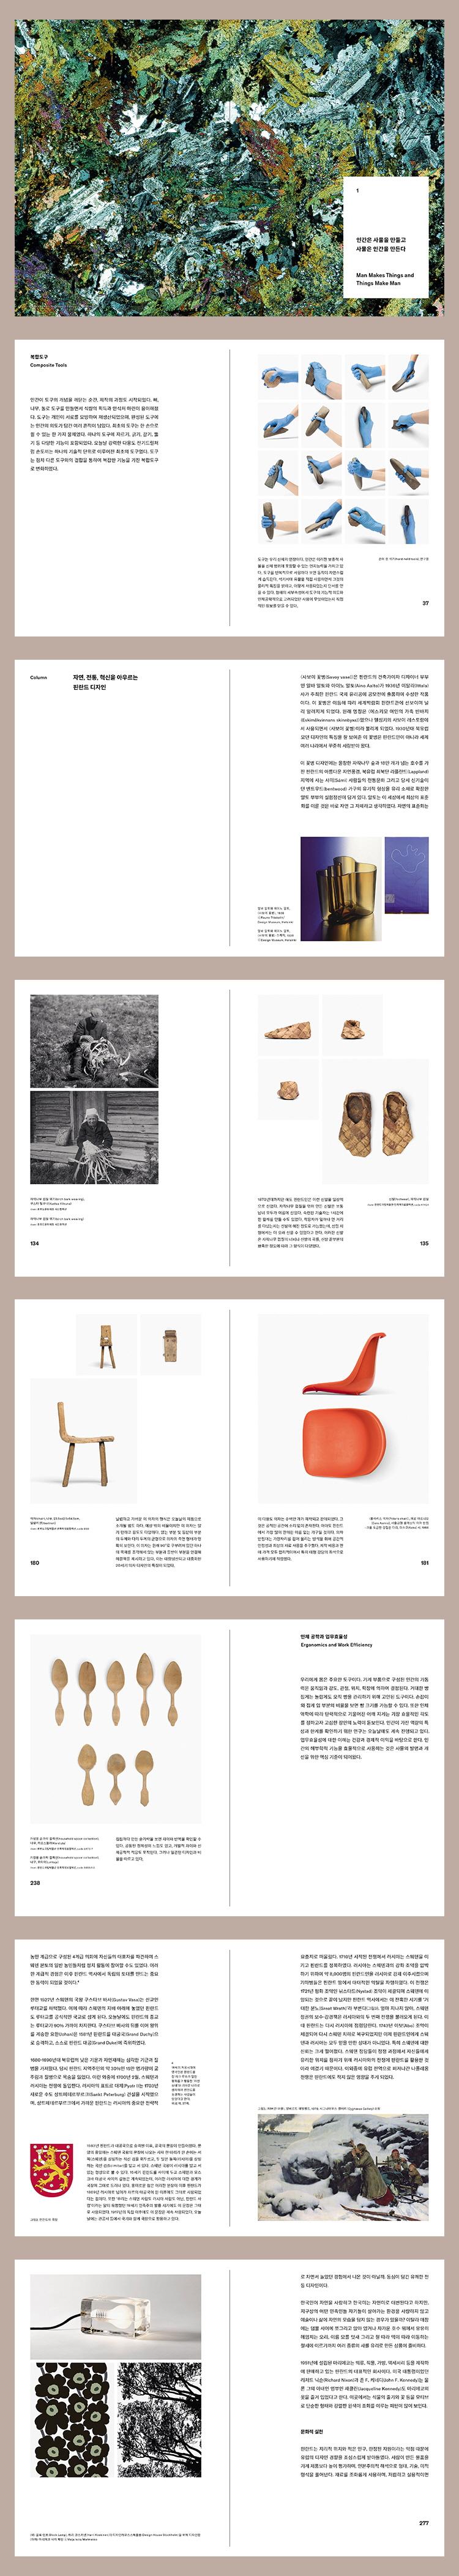 인간, 물질 그리고 변형: 핀란드 디자인 10 000년 (국립중앙박물관 전시 도록 스페셜 에디션) 도서 상세이미지